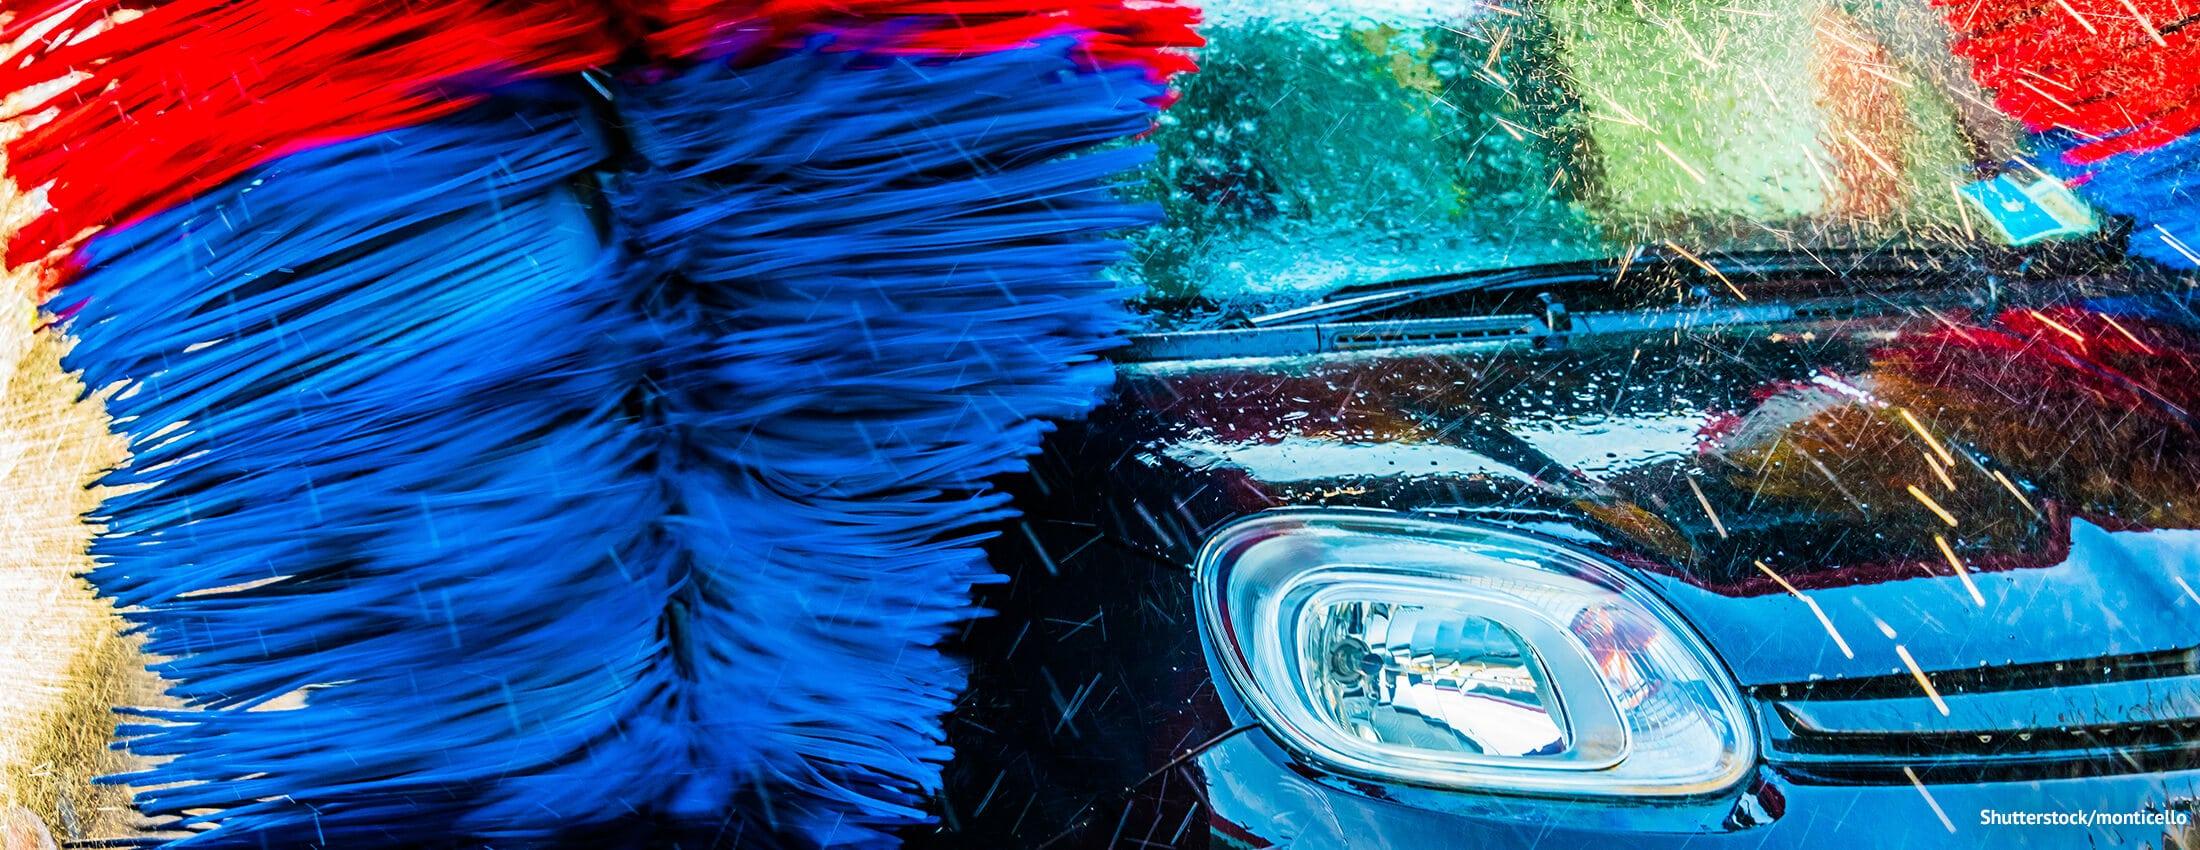 autowaschen_sonntag